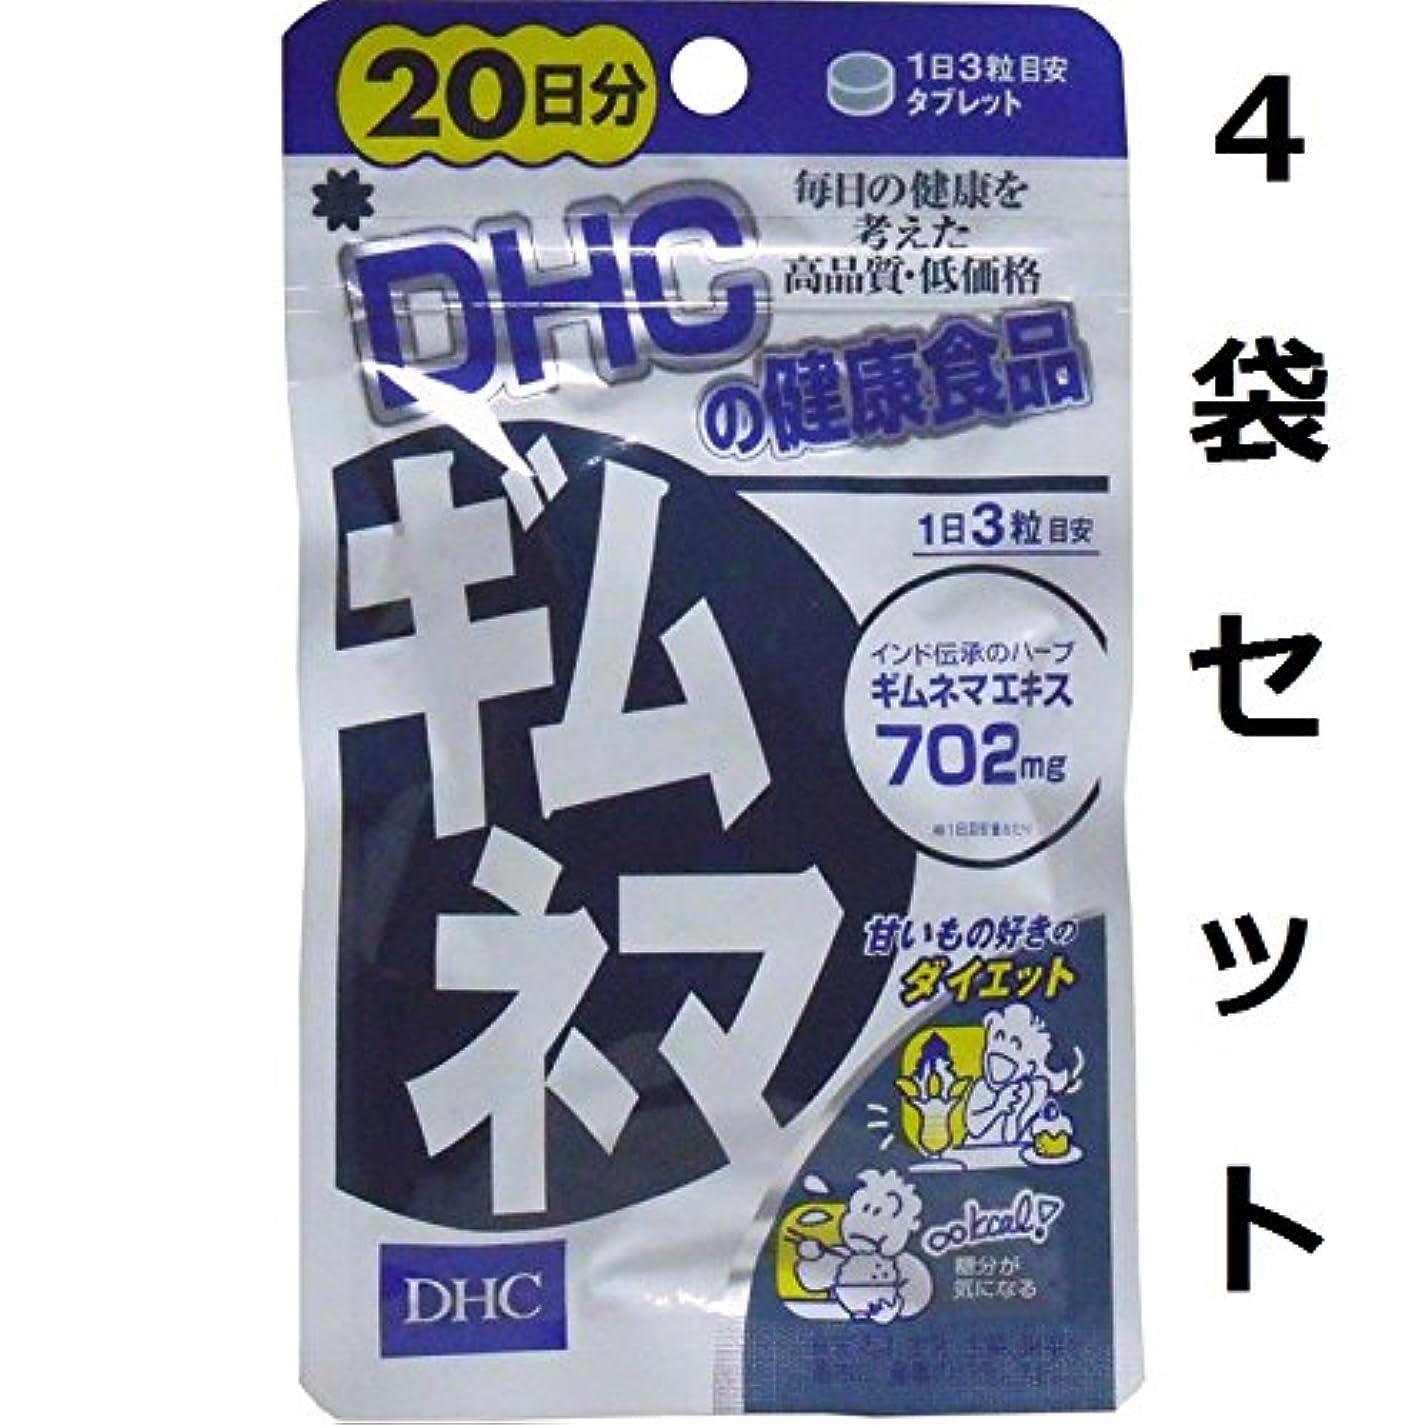 診断するつぶすピカリング我慢せずに余分な糖分をブロック DHC ギムネマ 20日分 60粒 4袋セット